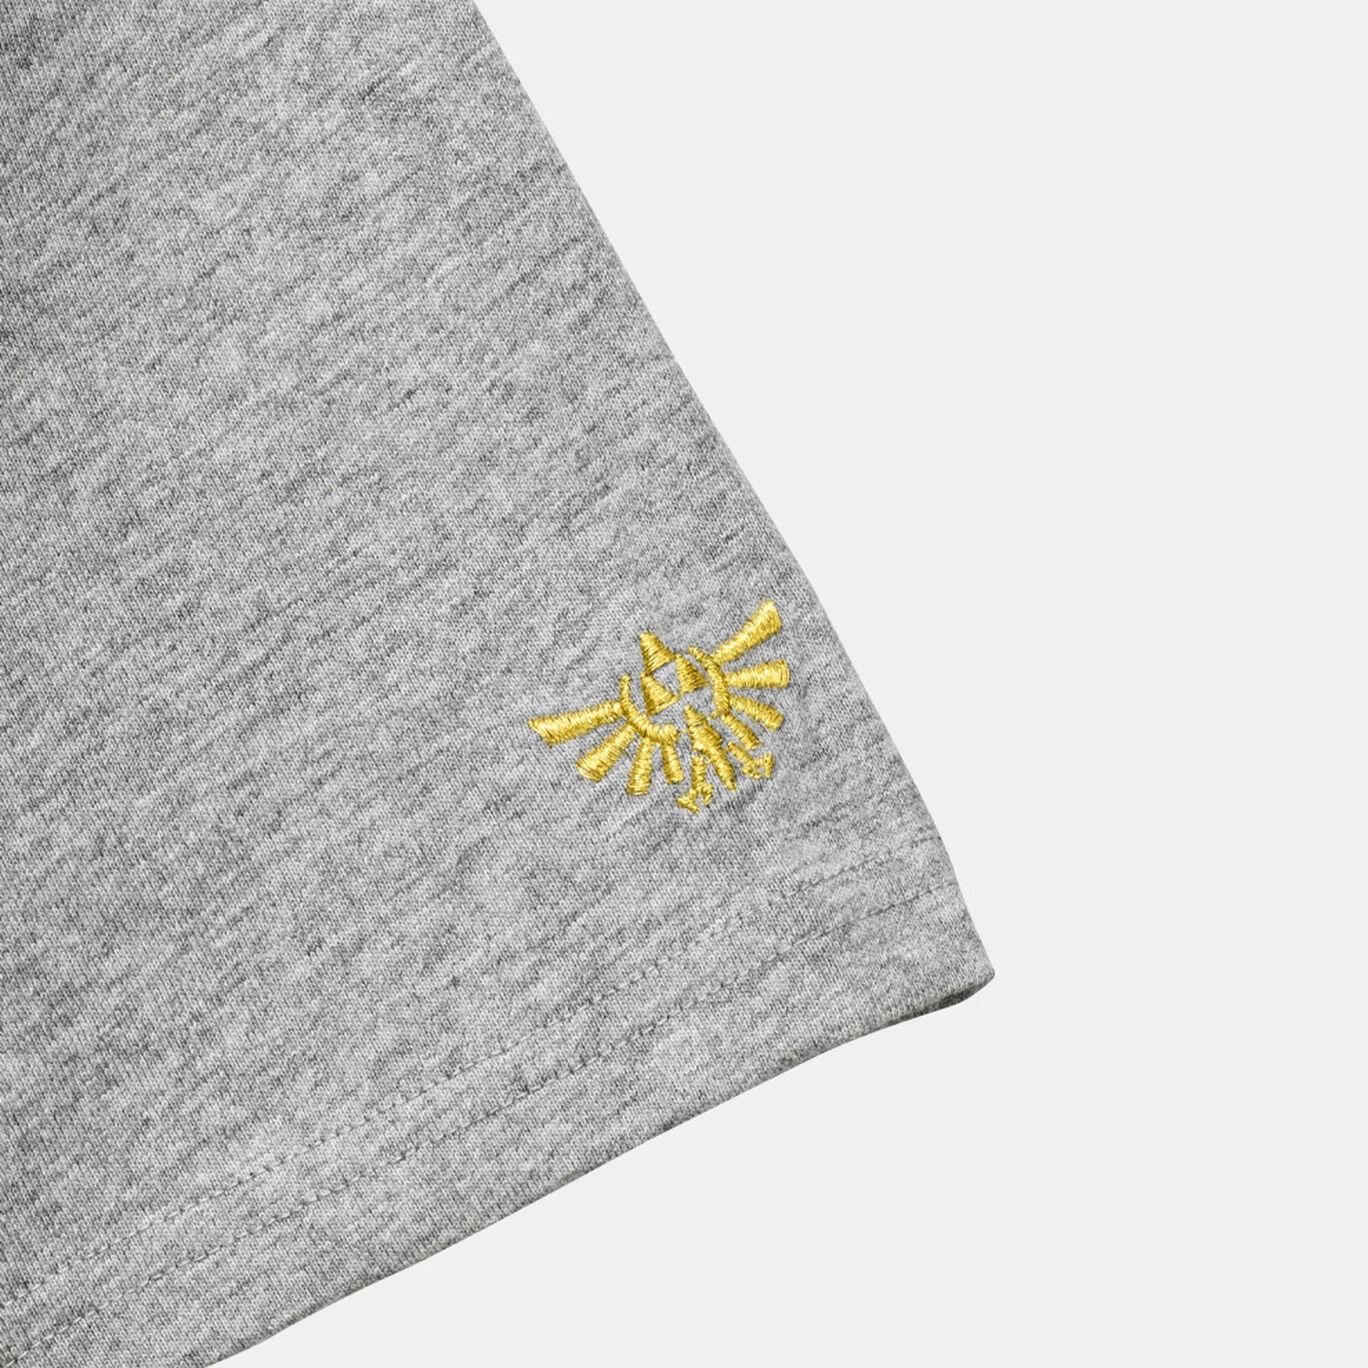 Tシャツ トライフォース S ゼルダの伝説【Nintendo TOKYO取り扱い商品】